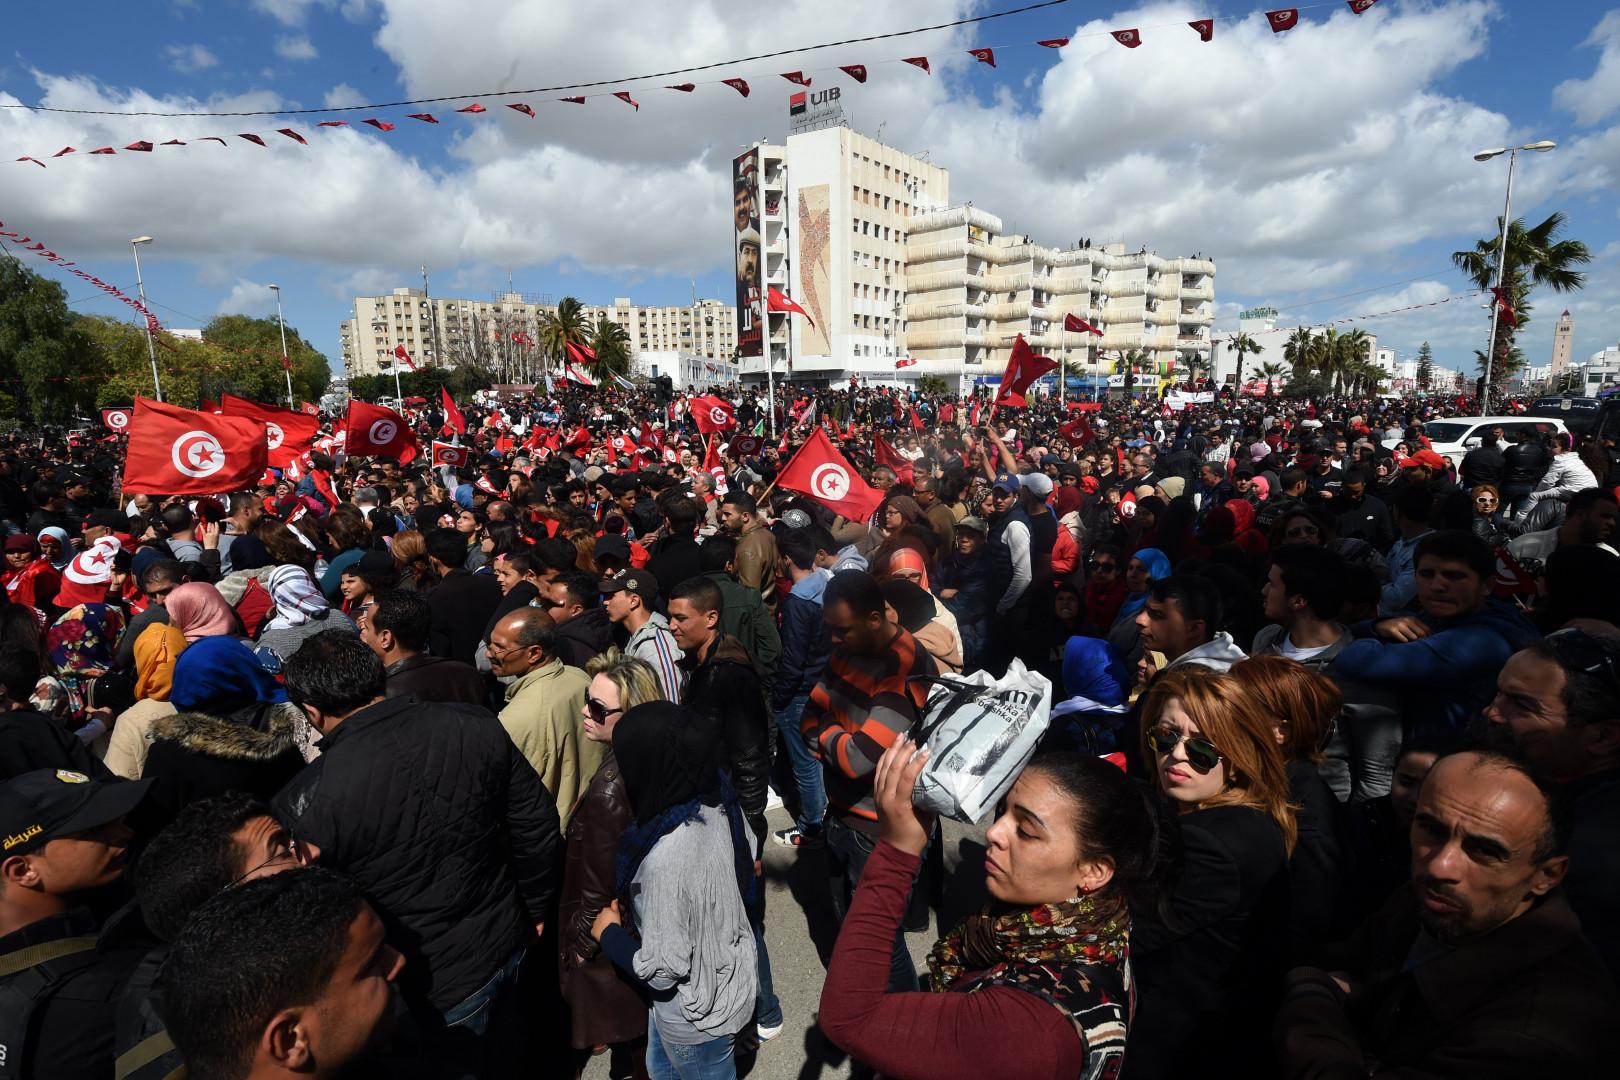 L'avenue Bardo, noire de monde, alors que des Tunisiens agite le drapeau du pays.